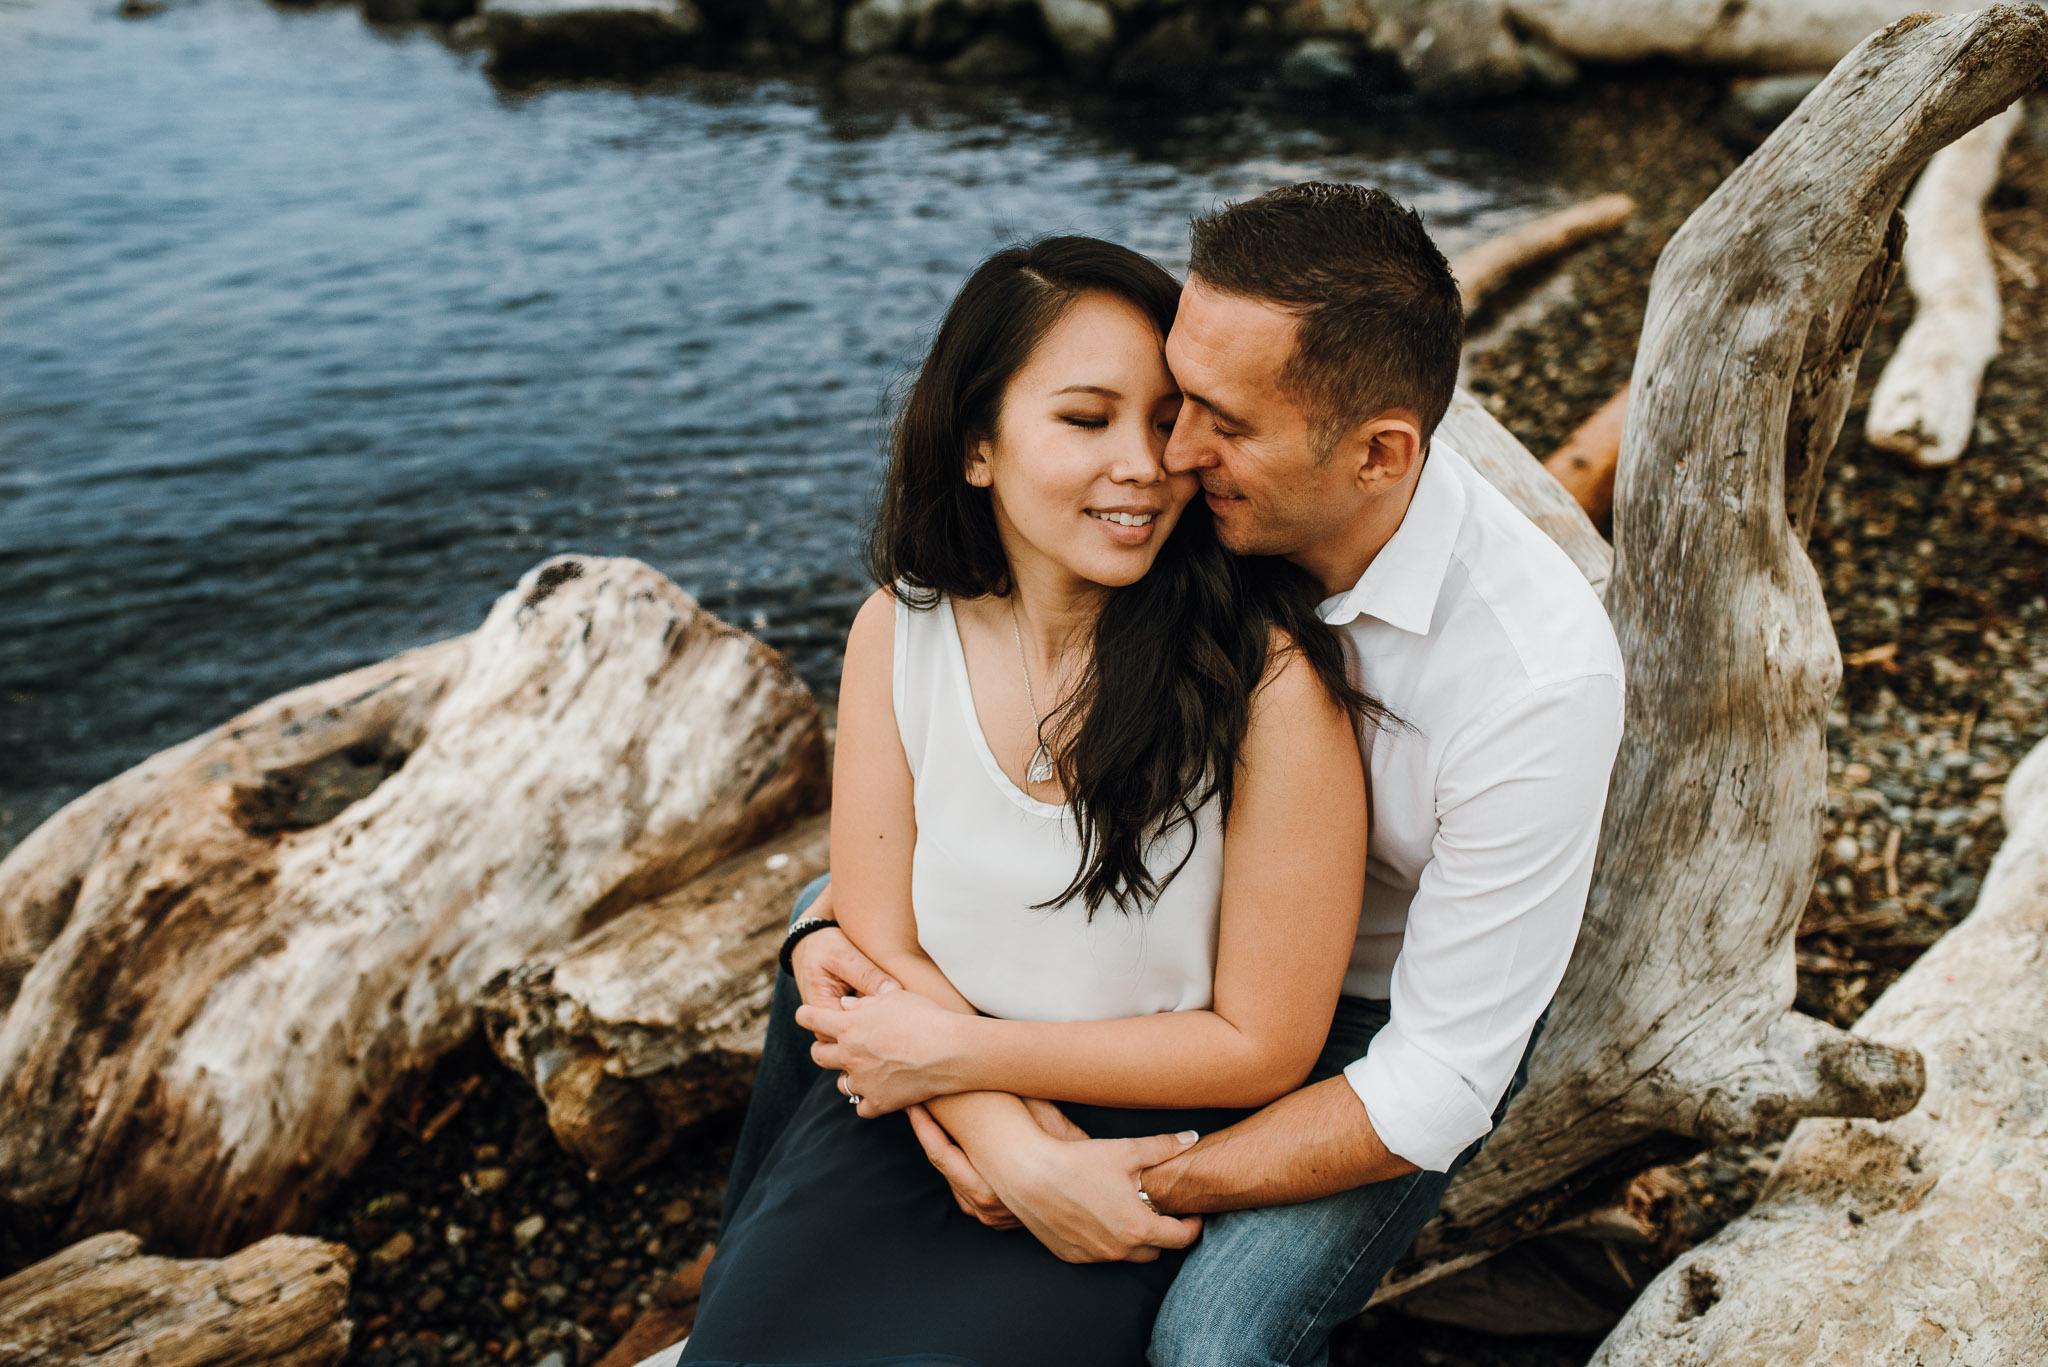 Myrtle-Edwards-Park-Engagement-Seattle-Washington11.jpg